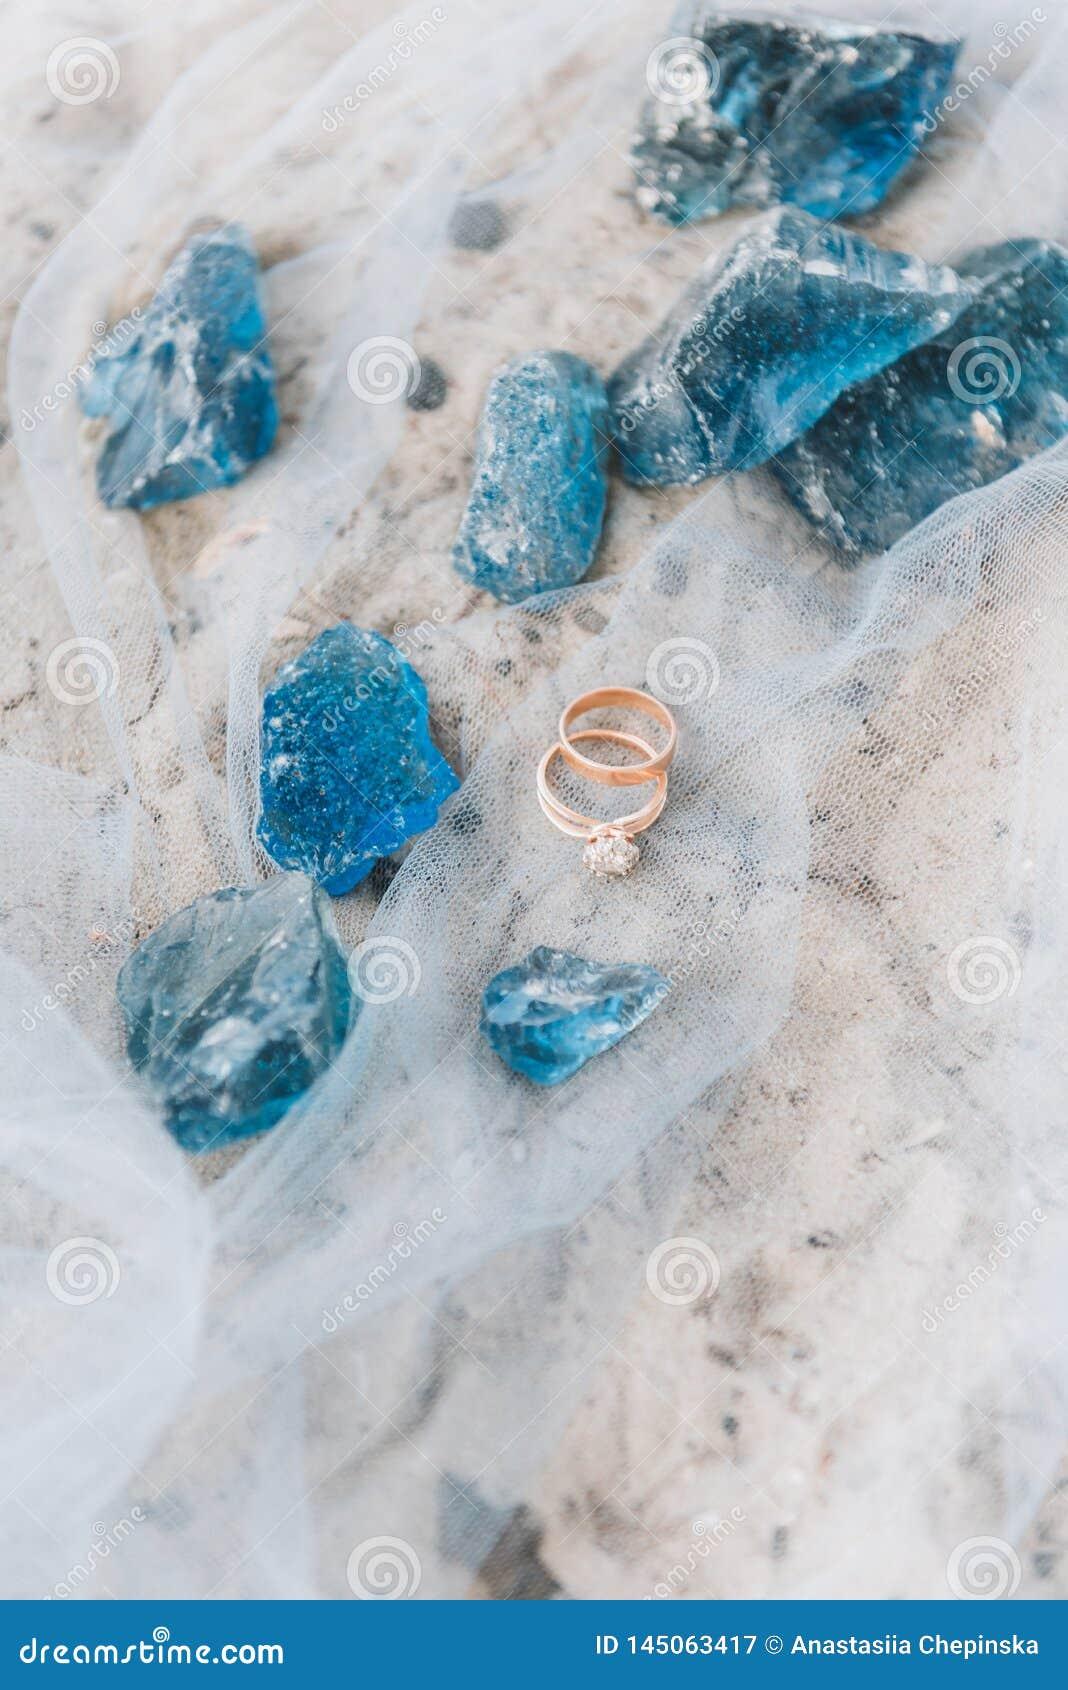 Γάμος και δαχτυλίδια αρραβώνων σε ένα καθαρό ύφασμα σε μια παραλία με